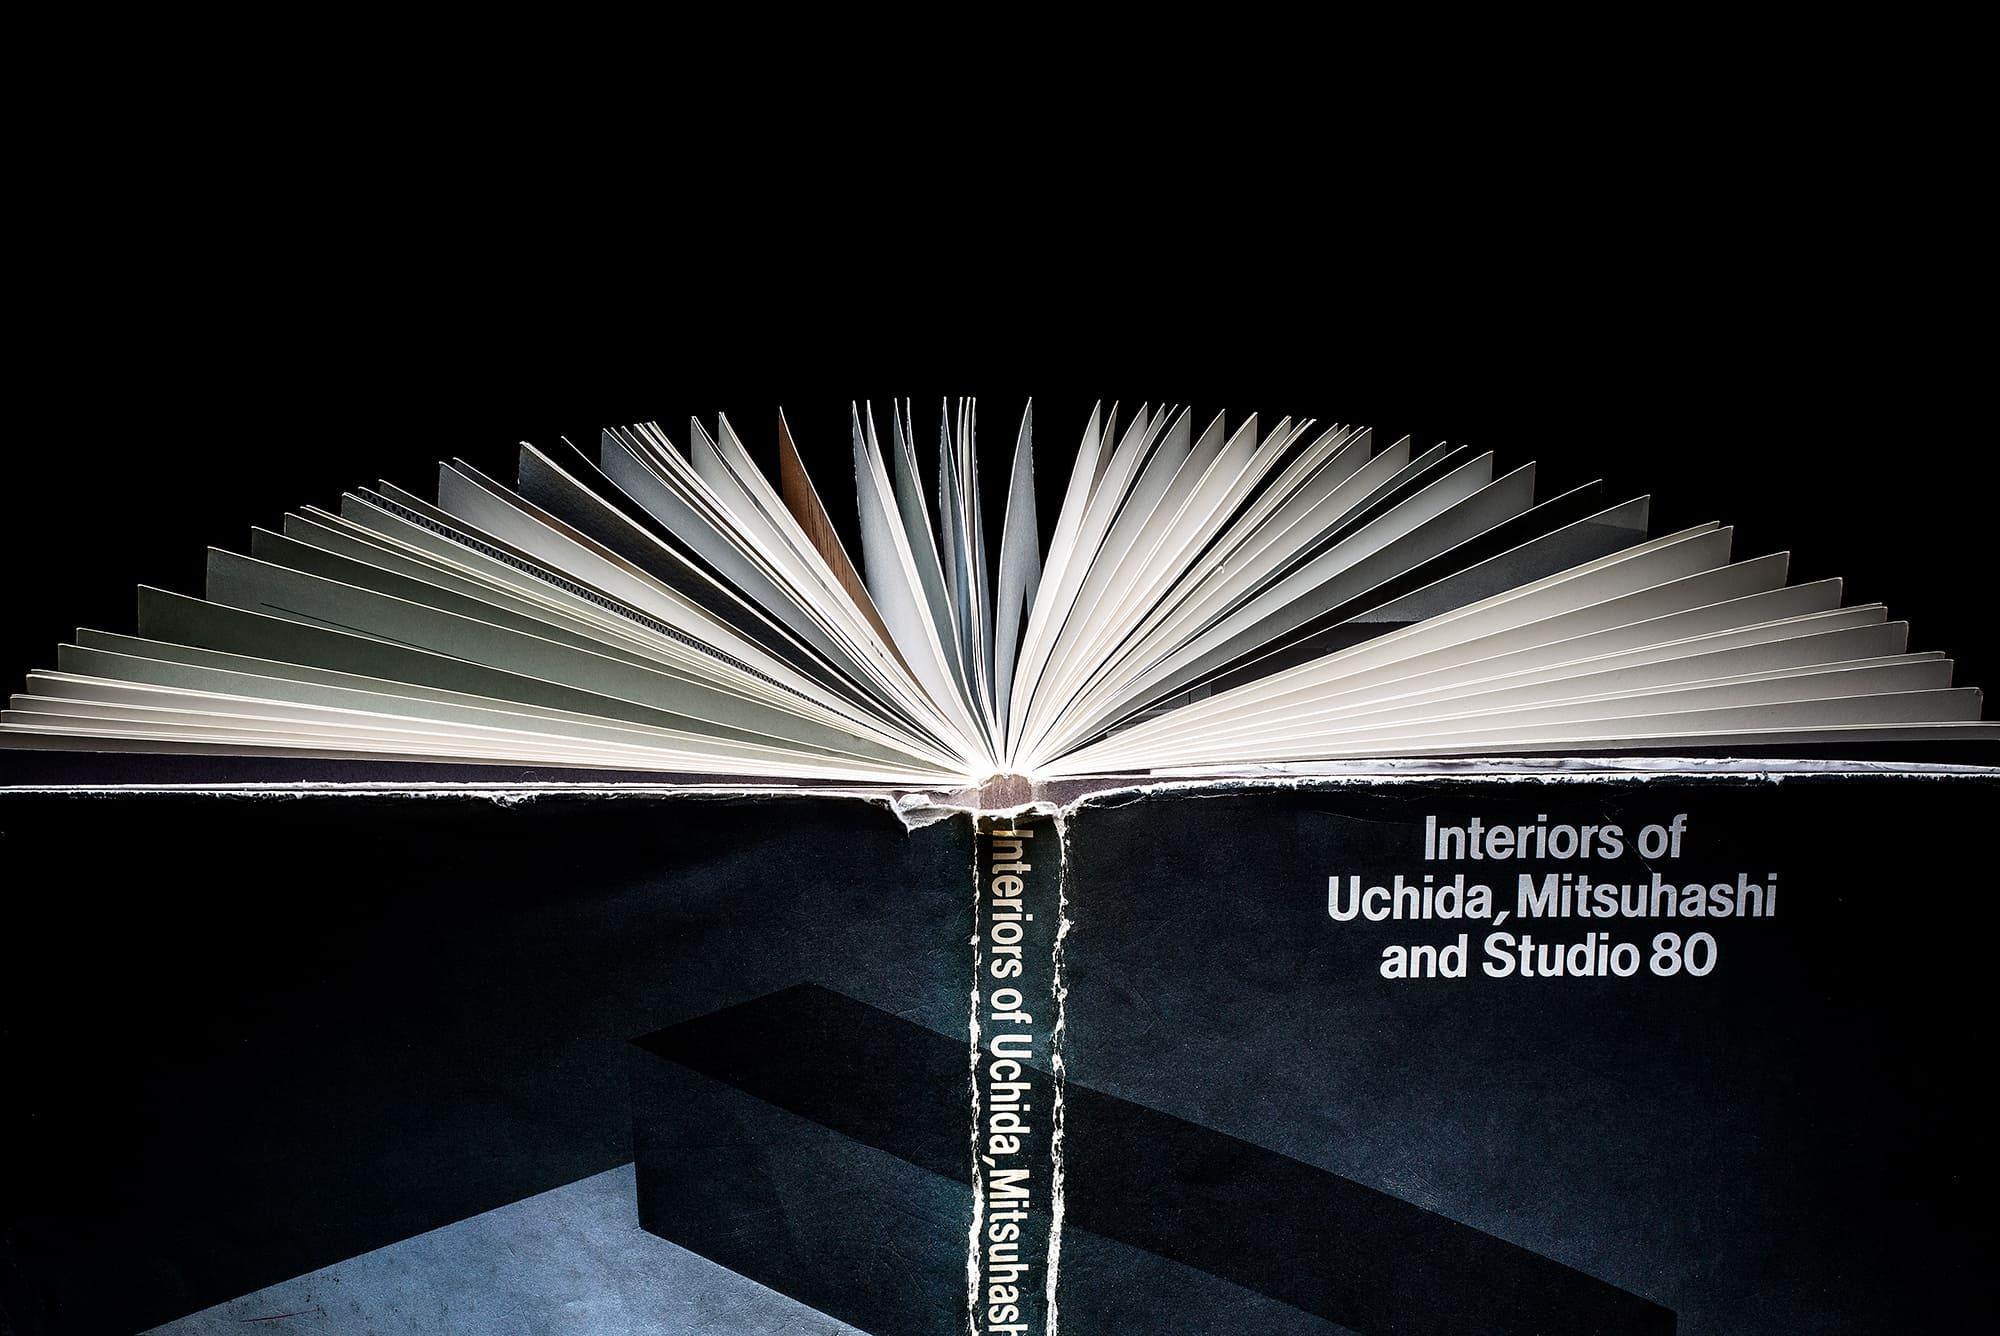 1987年に発行された『Interiors of Uchida, Mitsuhashi and Studio 80』(TASCHEN社)。アトリエ・オイの3人の内田繁との出合いは、この作品集がきっかけ。